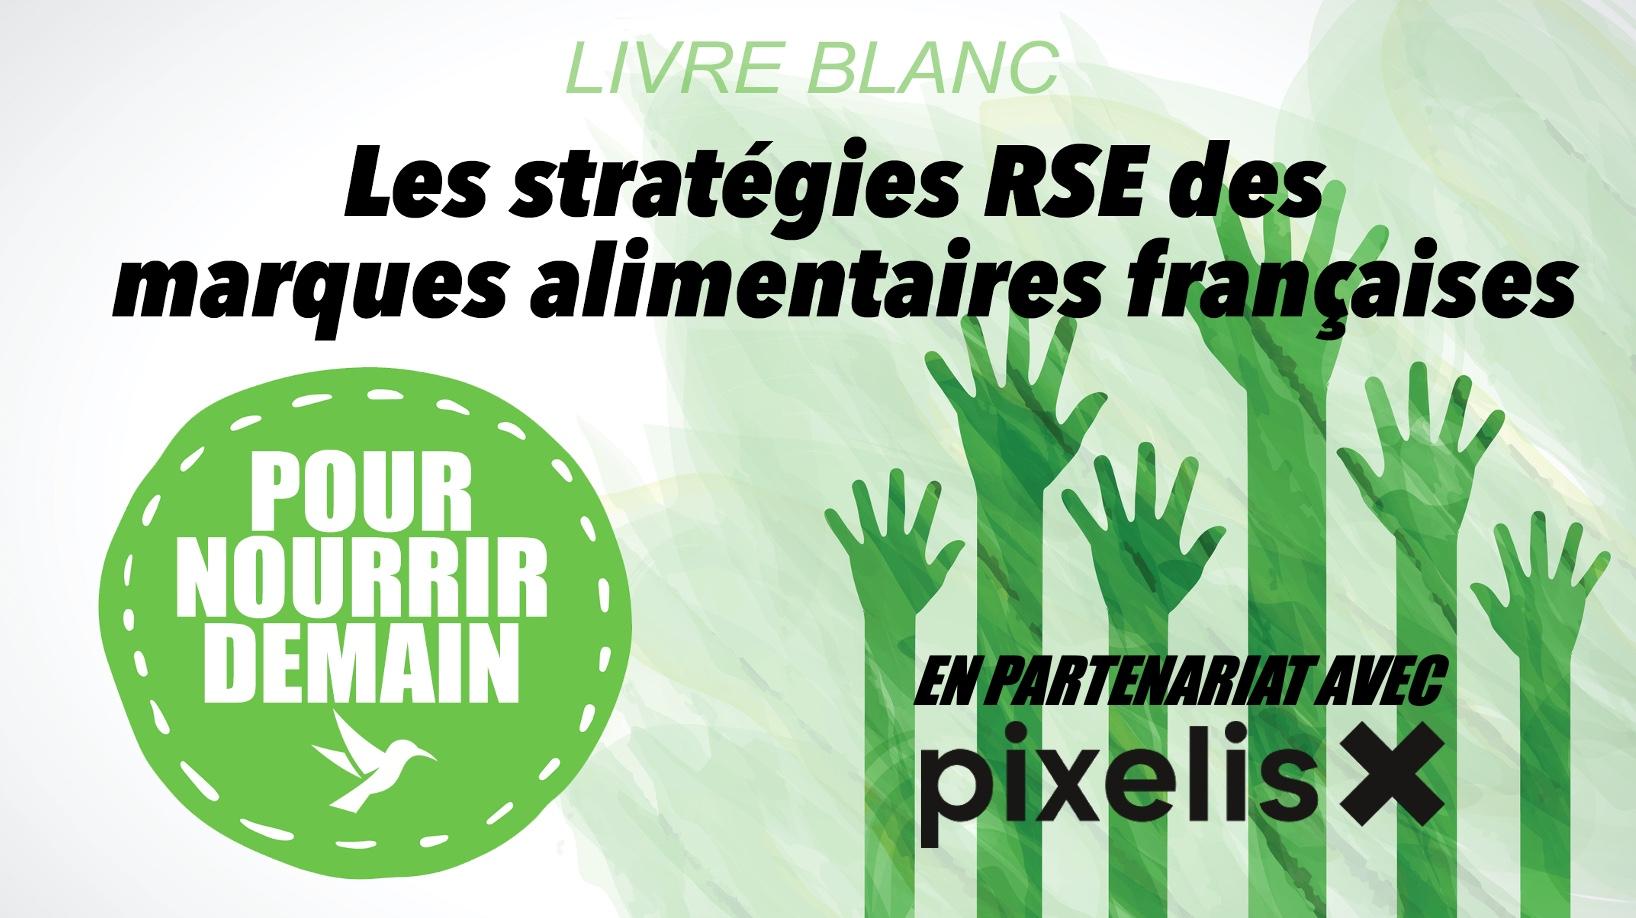 Capture decran 2021 03 09 a 09.00.17 - Télécharger le livre blanc : Les stratégies RSE des marques alimentaires françaises